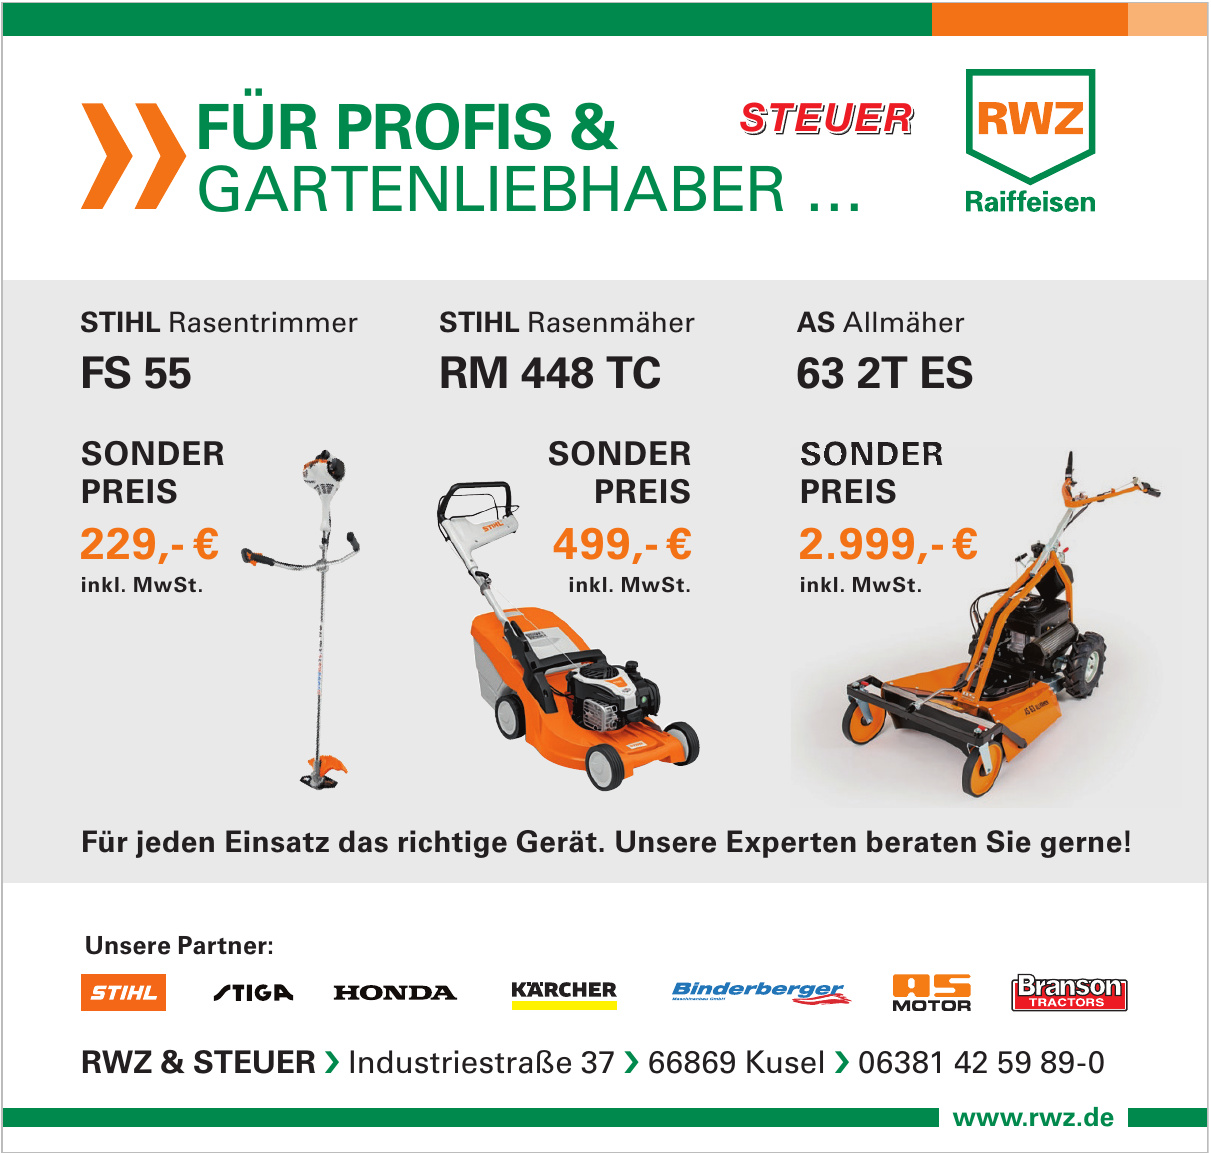 RWZ & Steuer